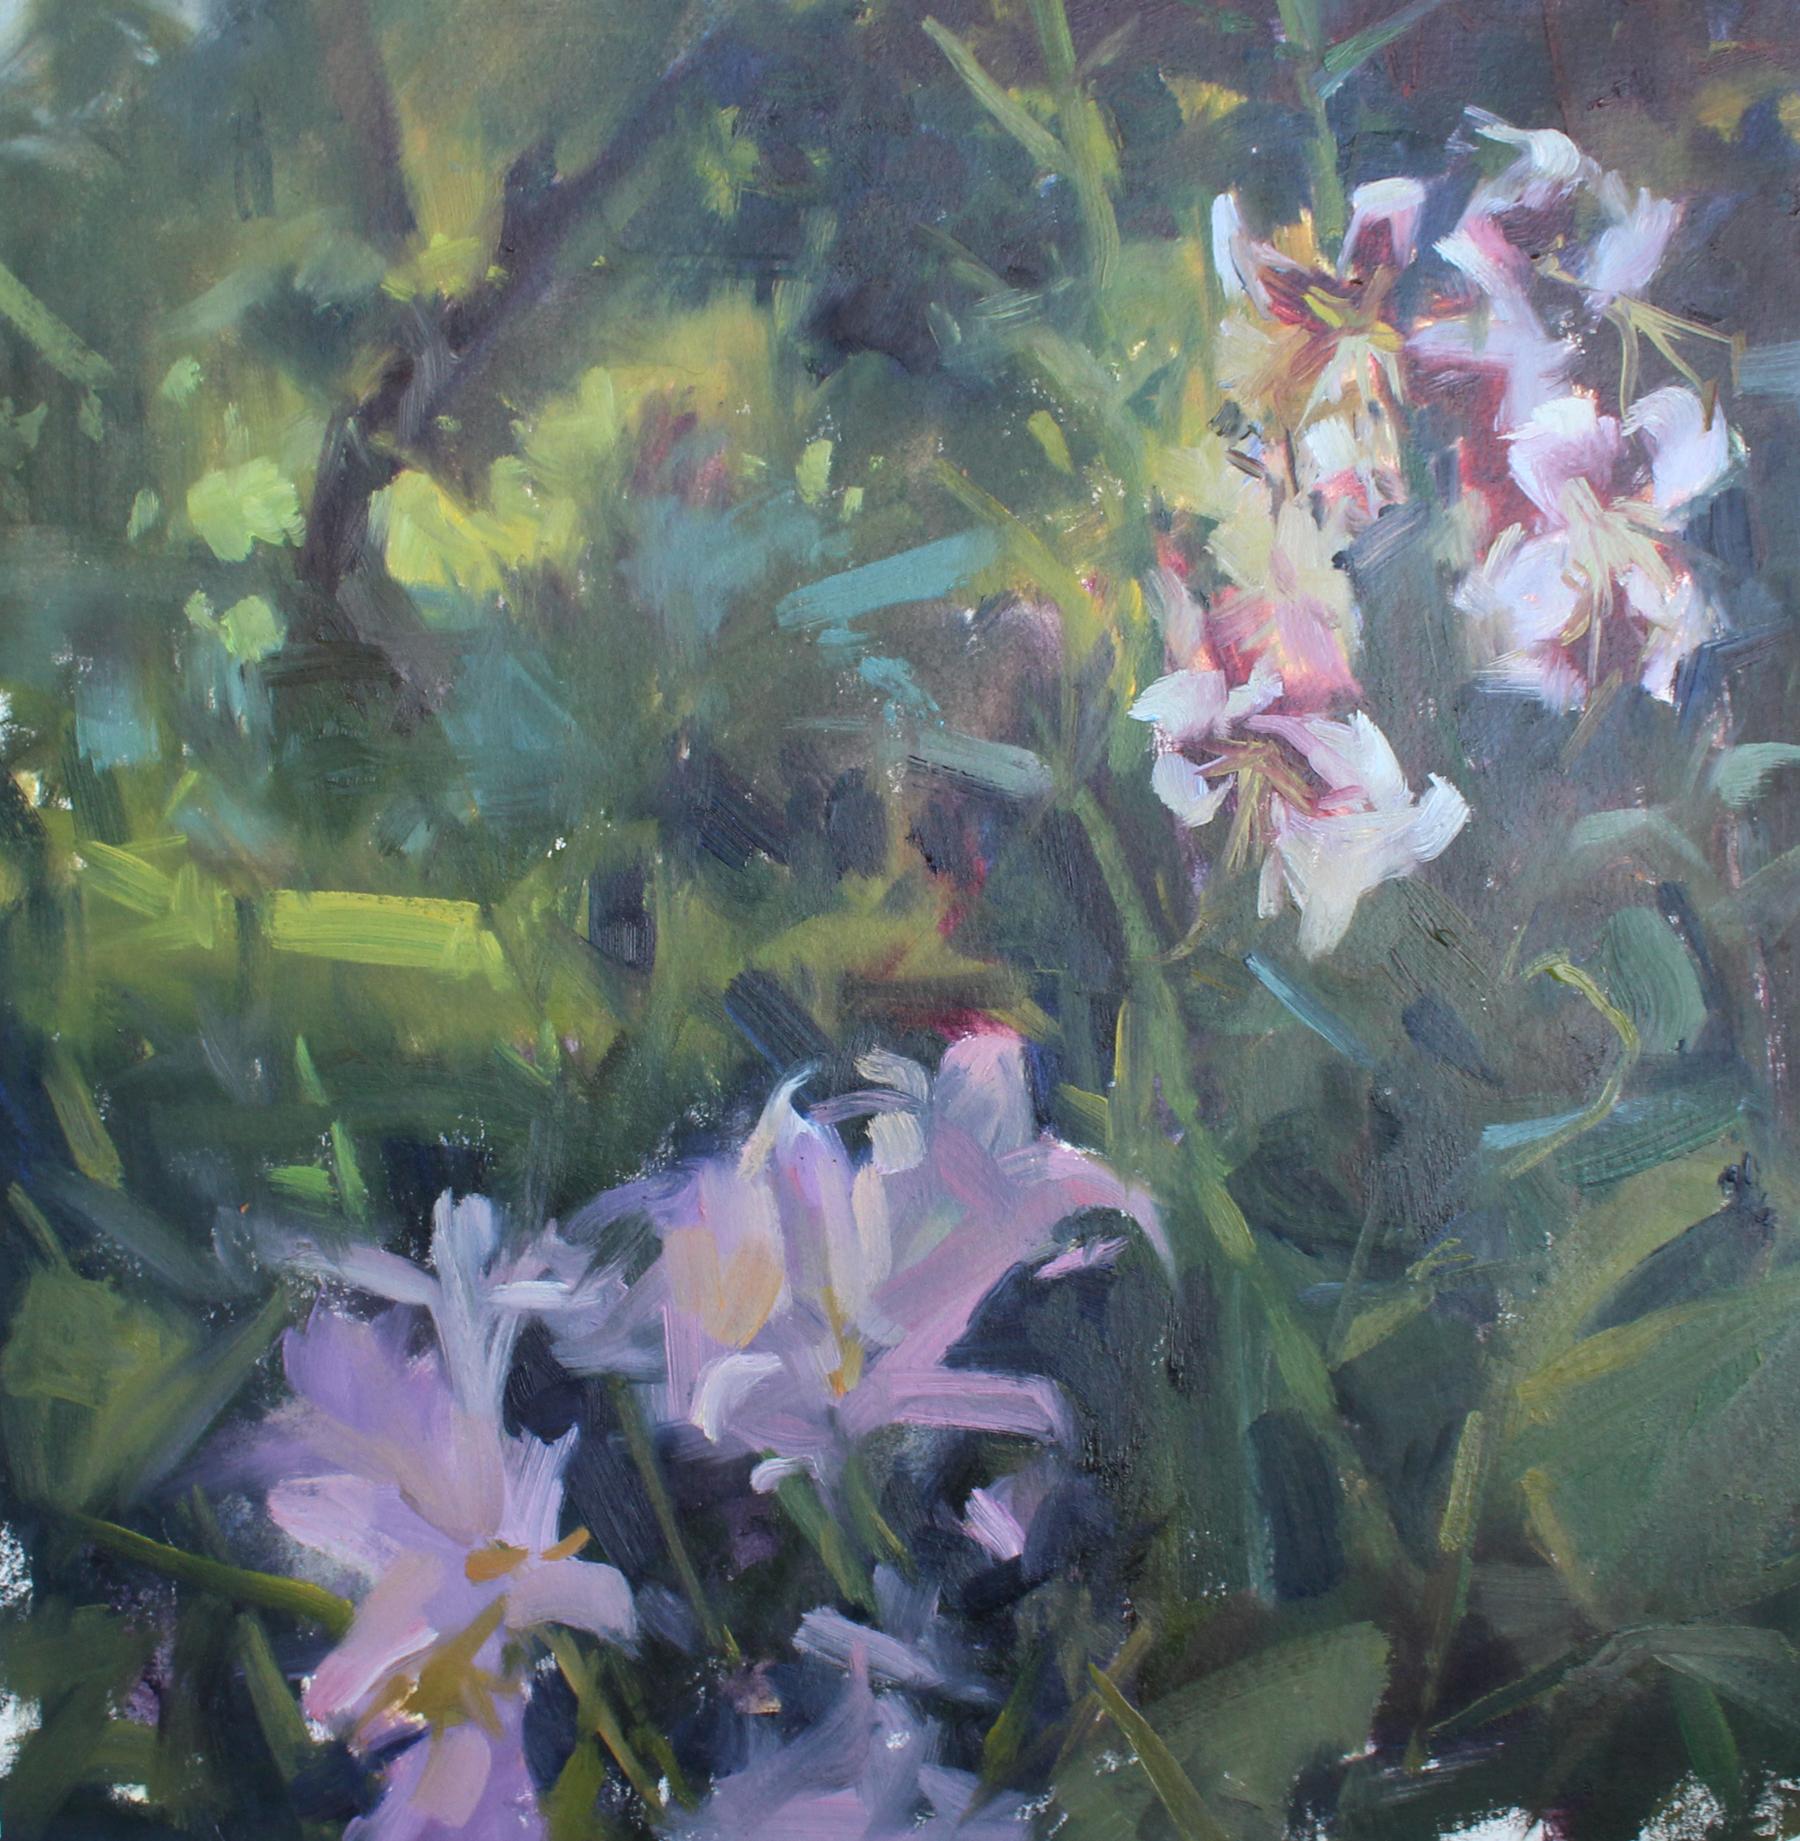 Berdelle Campbell Garden Field, oil on paper, 12 x 12 in